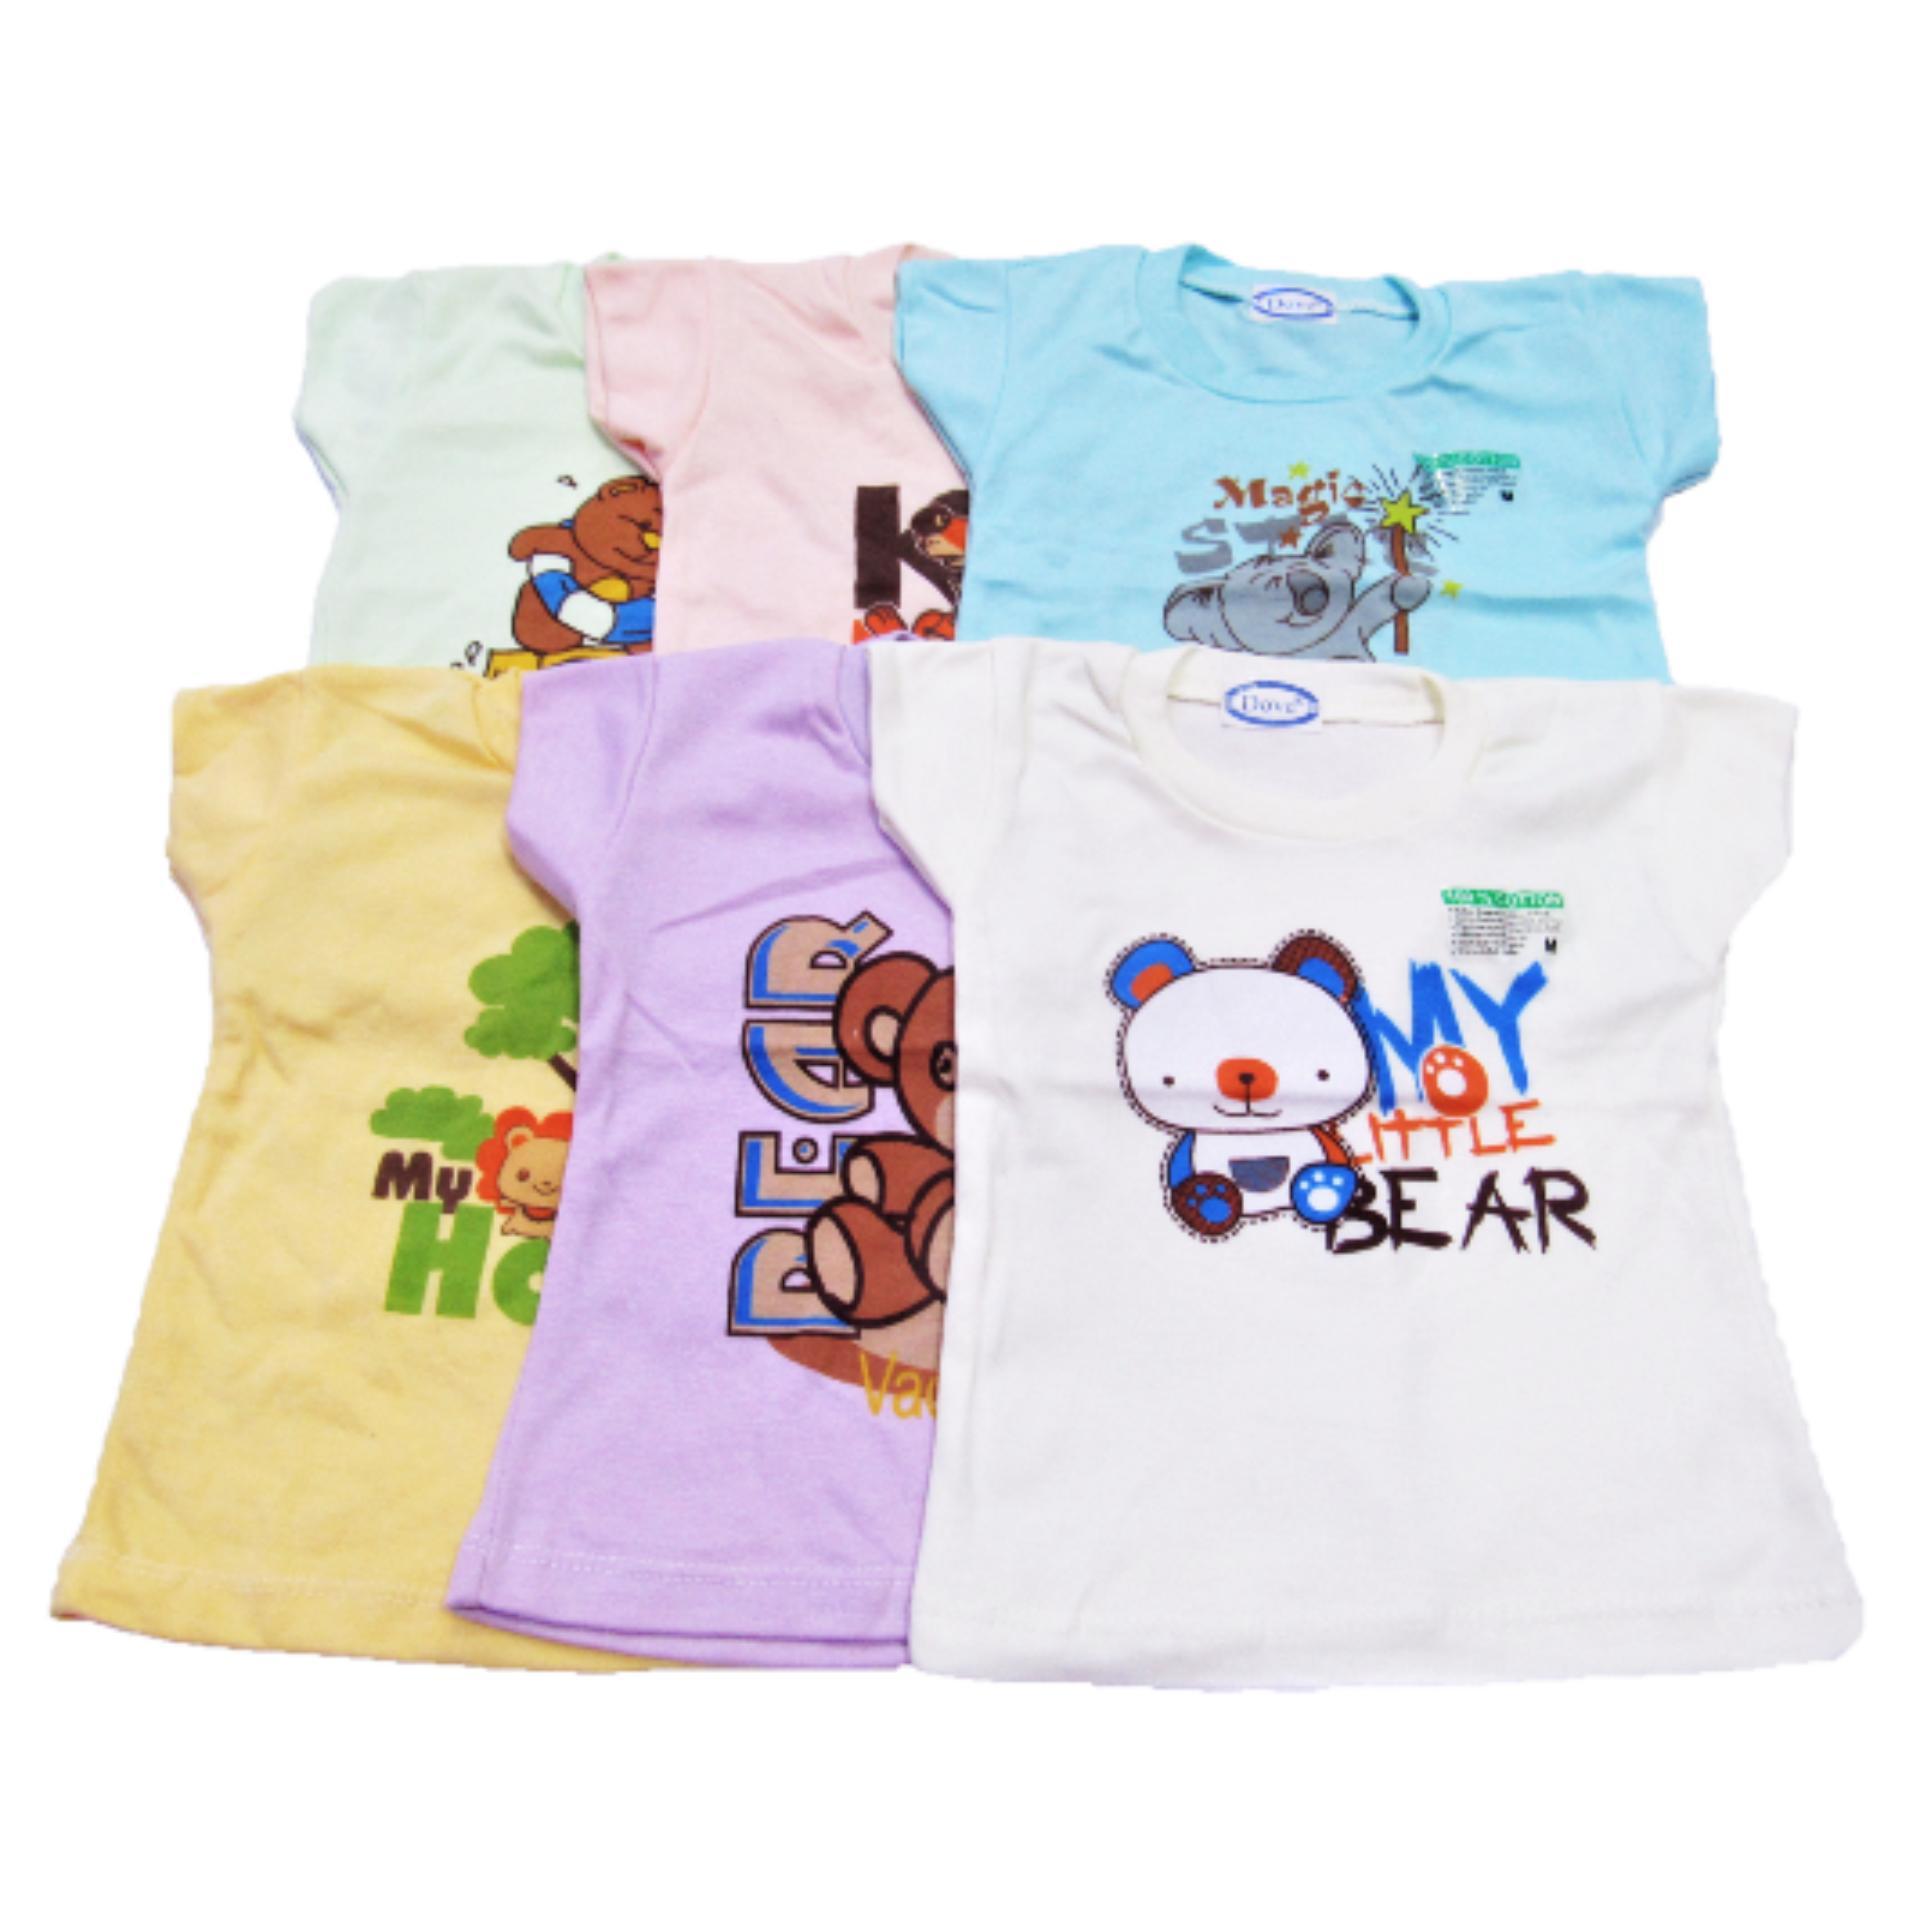 Wulanda 6 pcs baju kaos oblong anak bayi warna dan motif yang berbeda b7c081b501